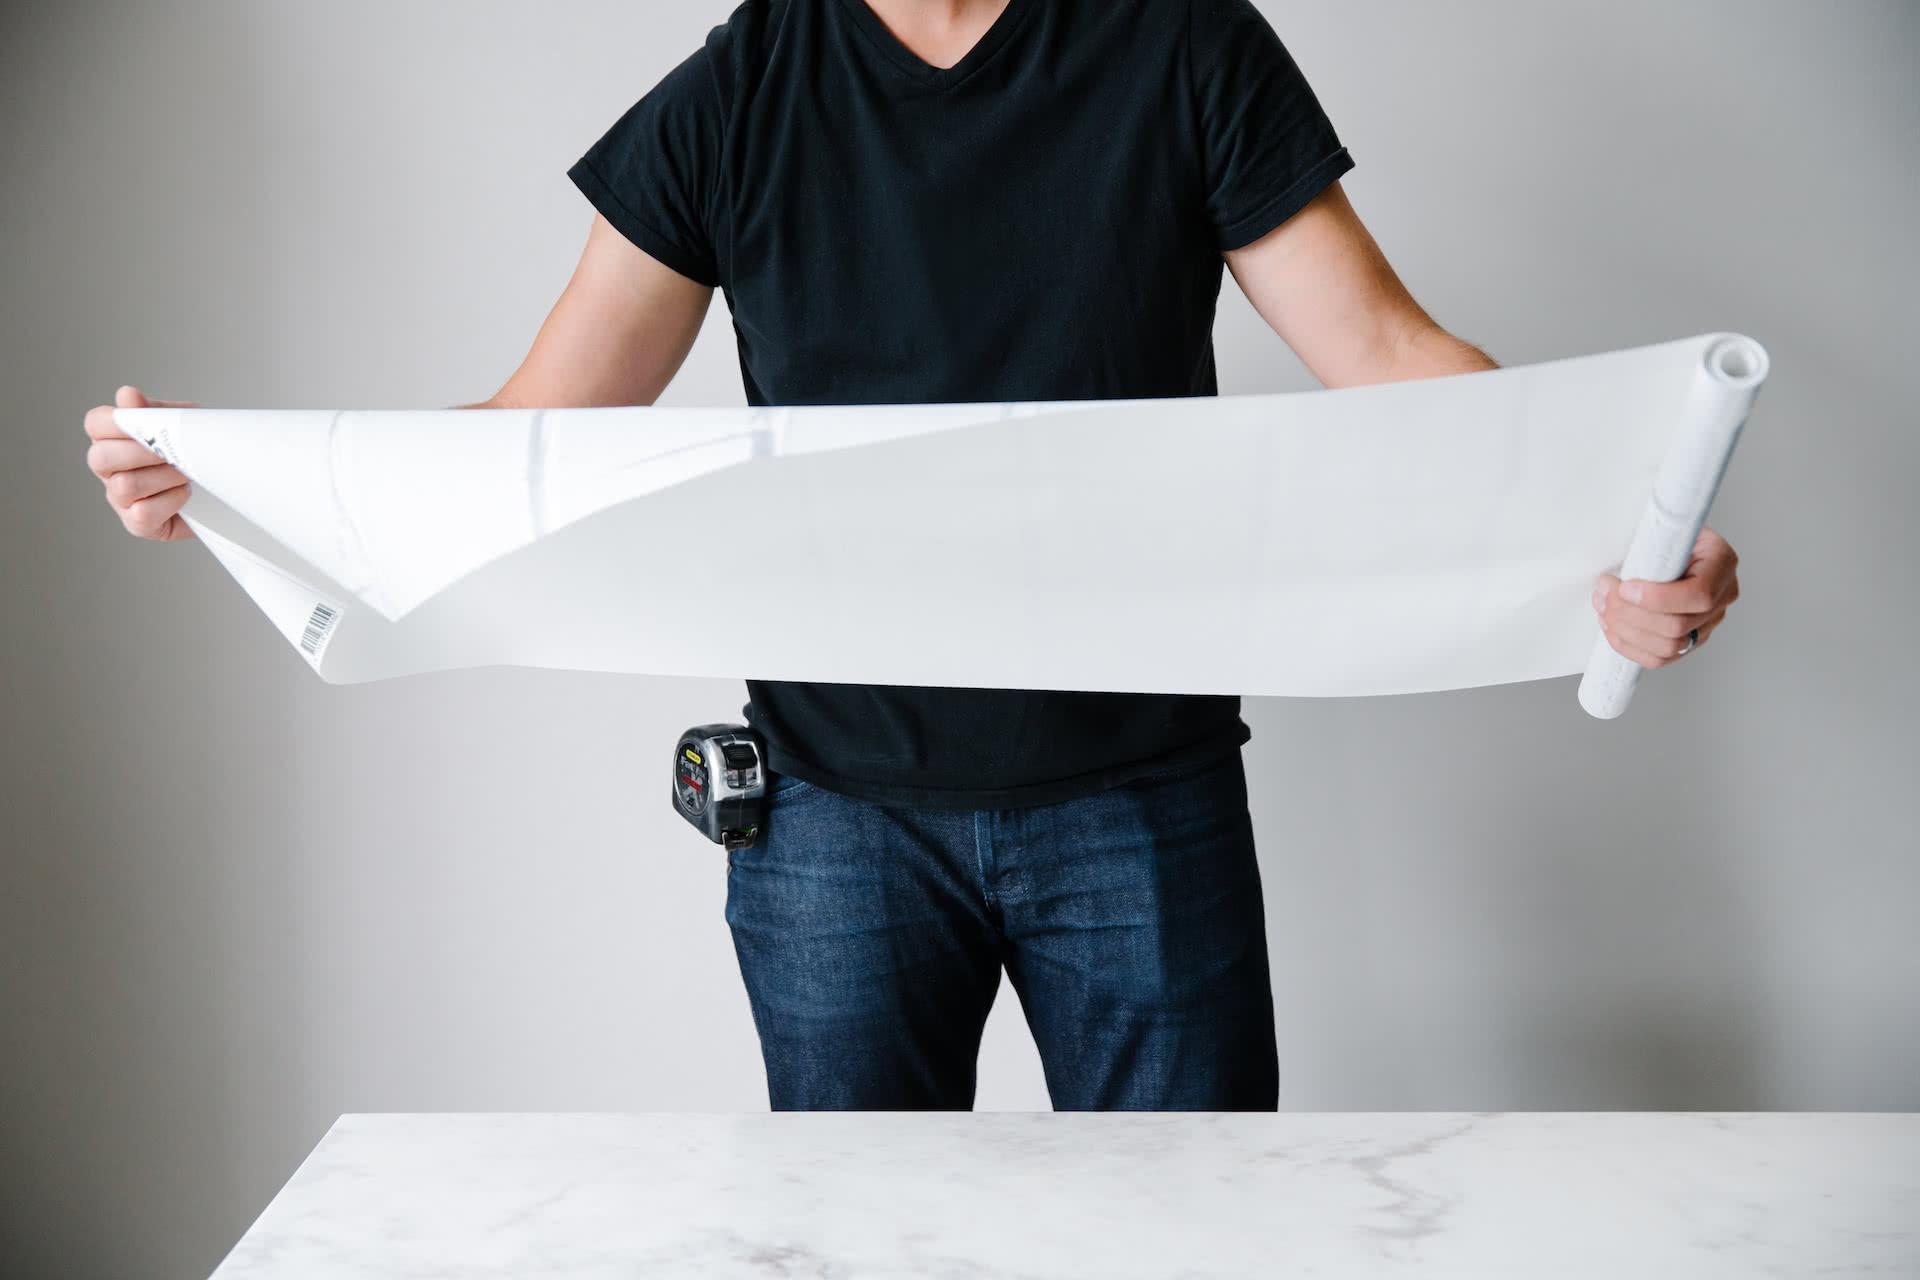 Jon Fuglestveit holding wallpaper